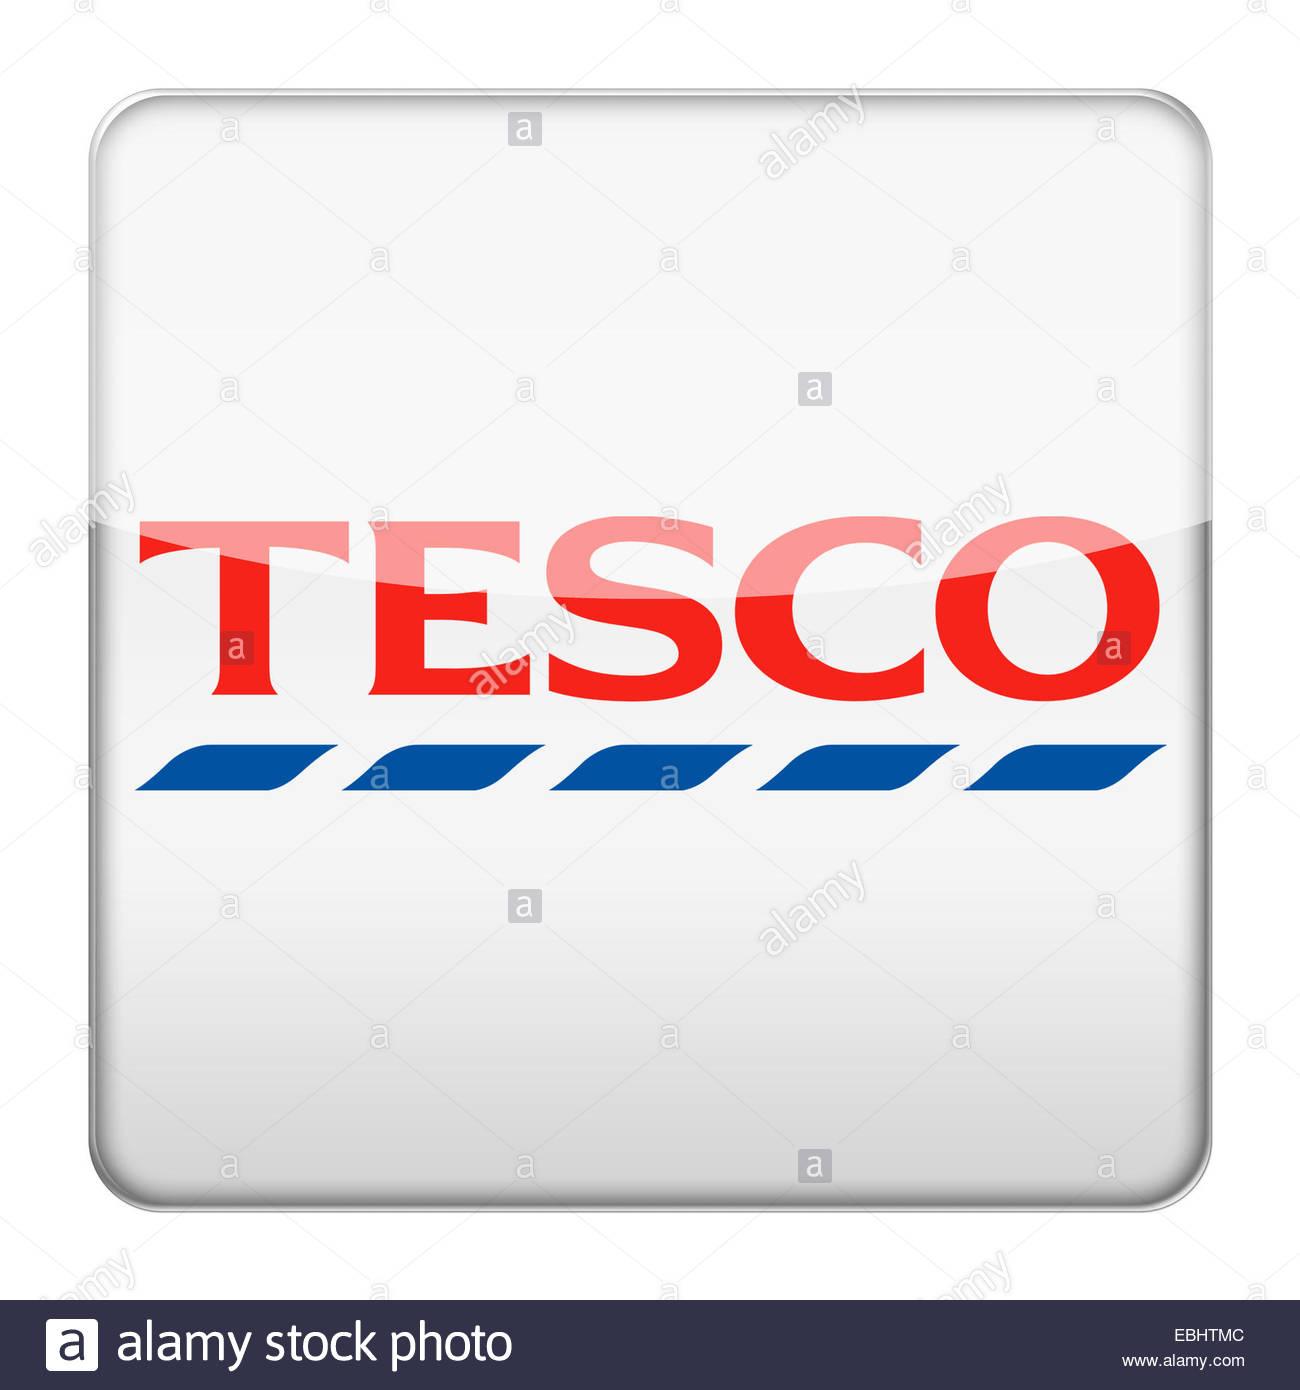 Tesco logo icon - Stock Image